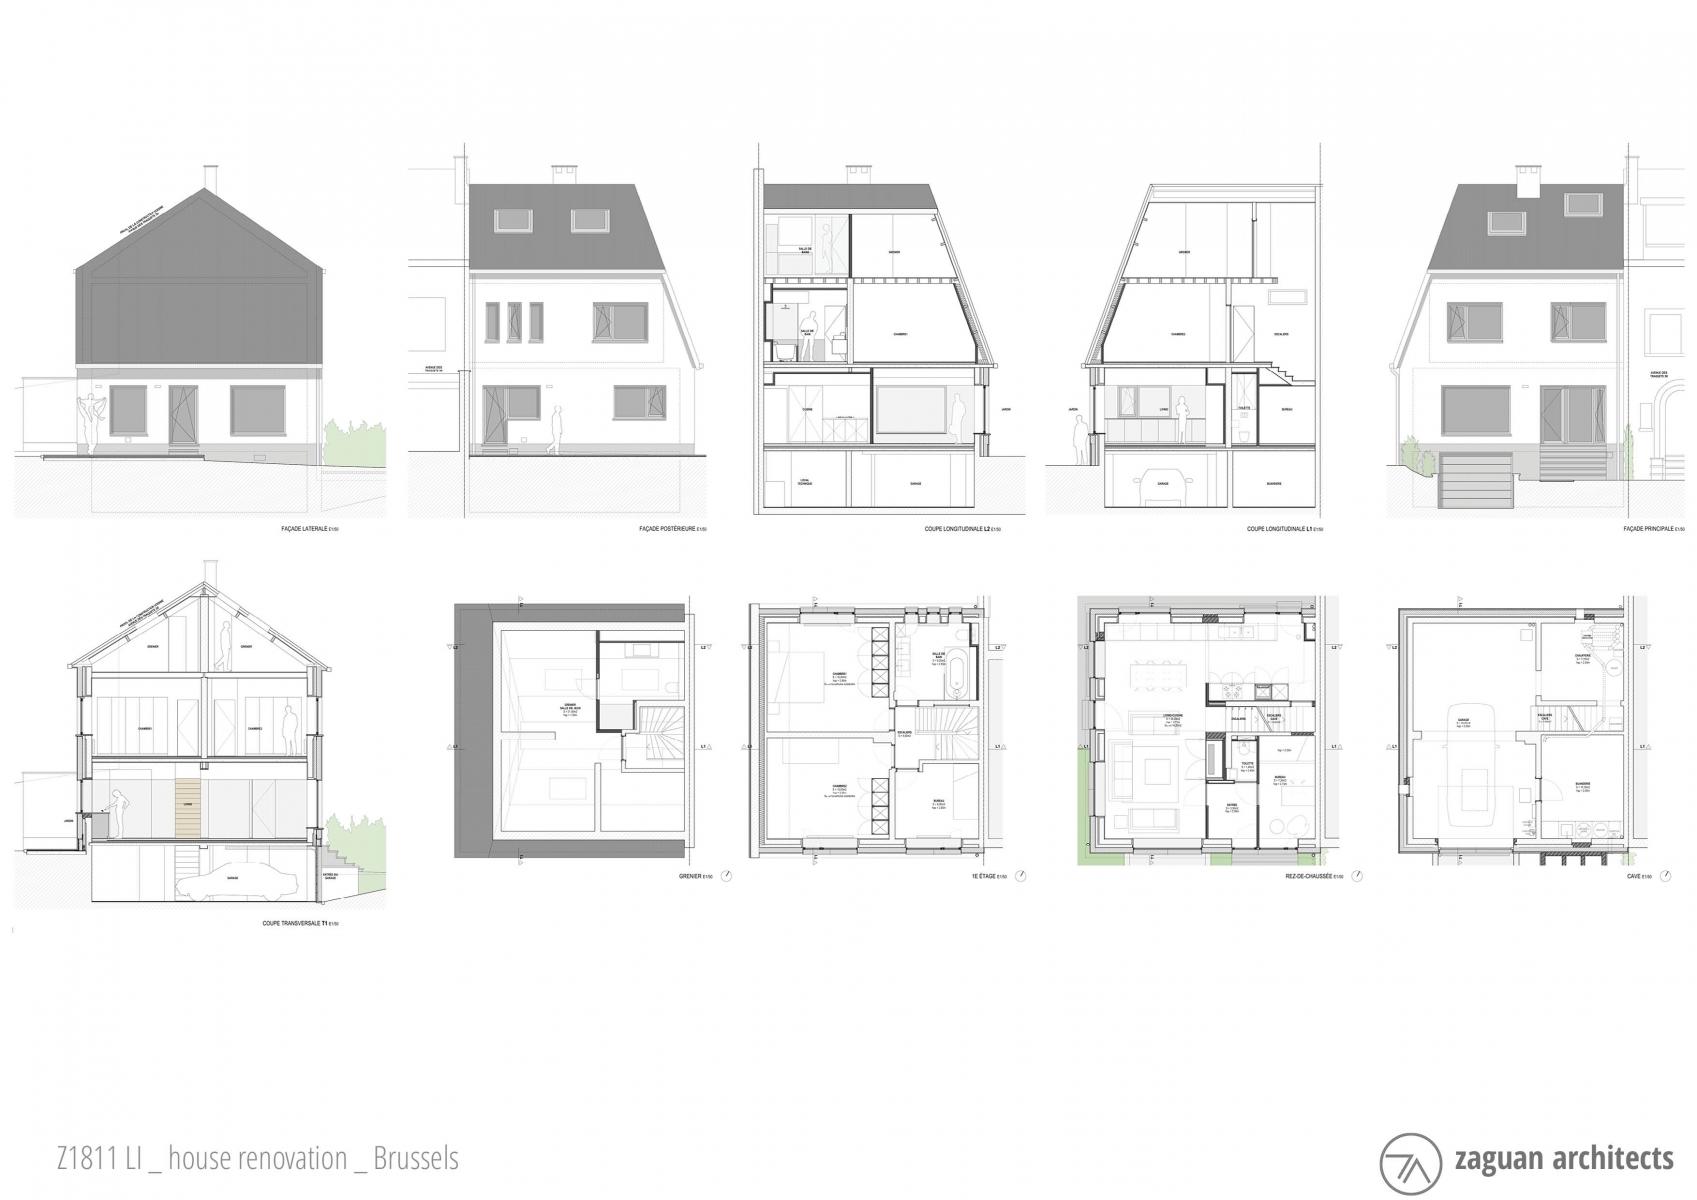 andres gonzalez gil zaguanarchitects house renovation brussels Z1811 03